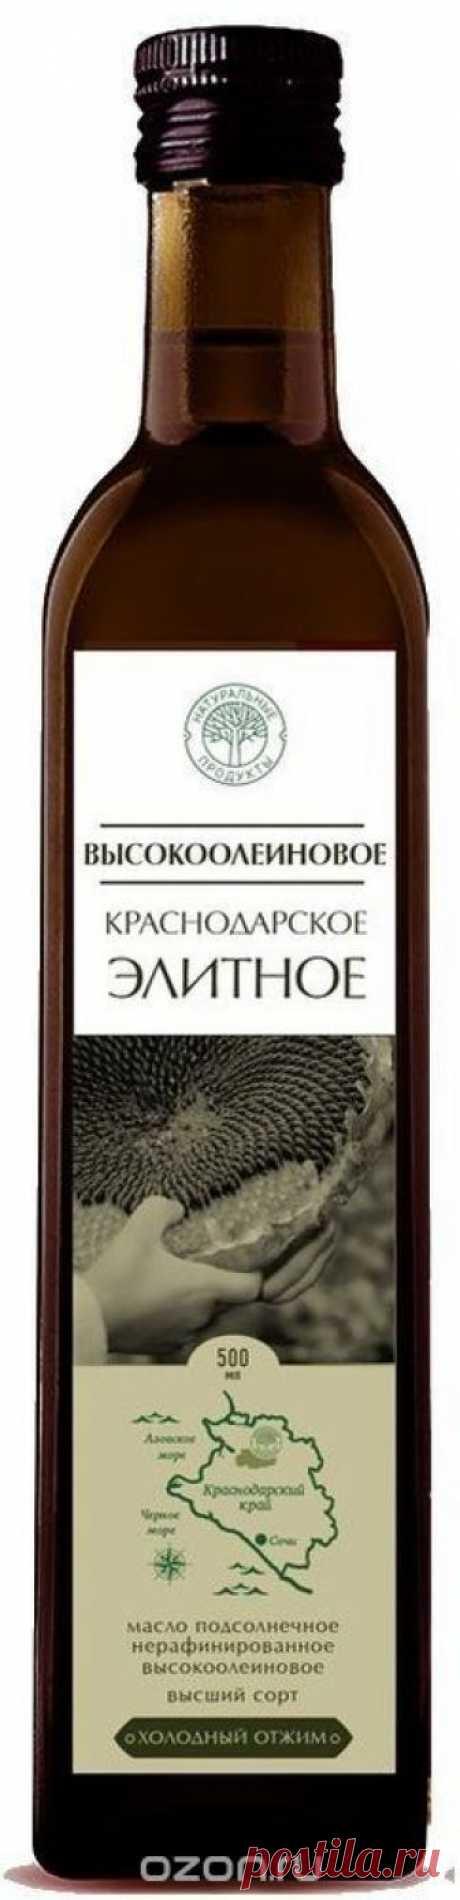 Краснодарское Элитное высокоолеиновое масло нерафинированное, 500 мл В нашем каталоге полный ассортимент приправ, соусов, масел и пищевых добавок для приготовления лучших блюд. Бесплатная доставка от 3500 руб. на следующий день - выбирайте OZON.ru!